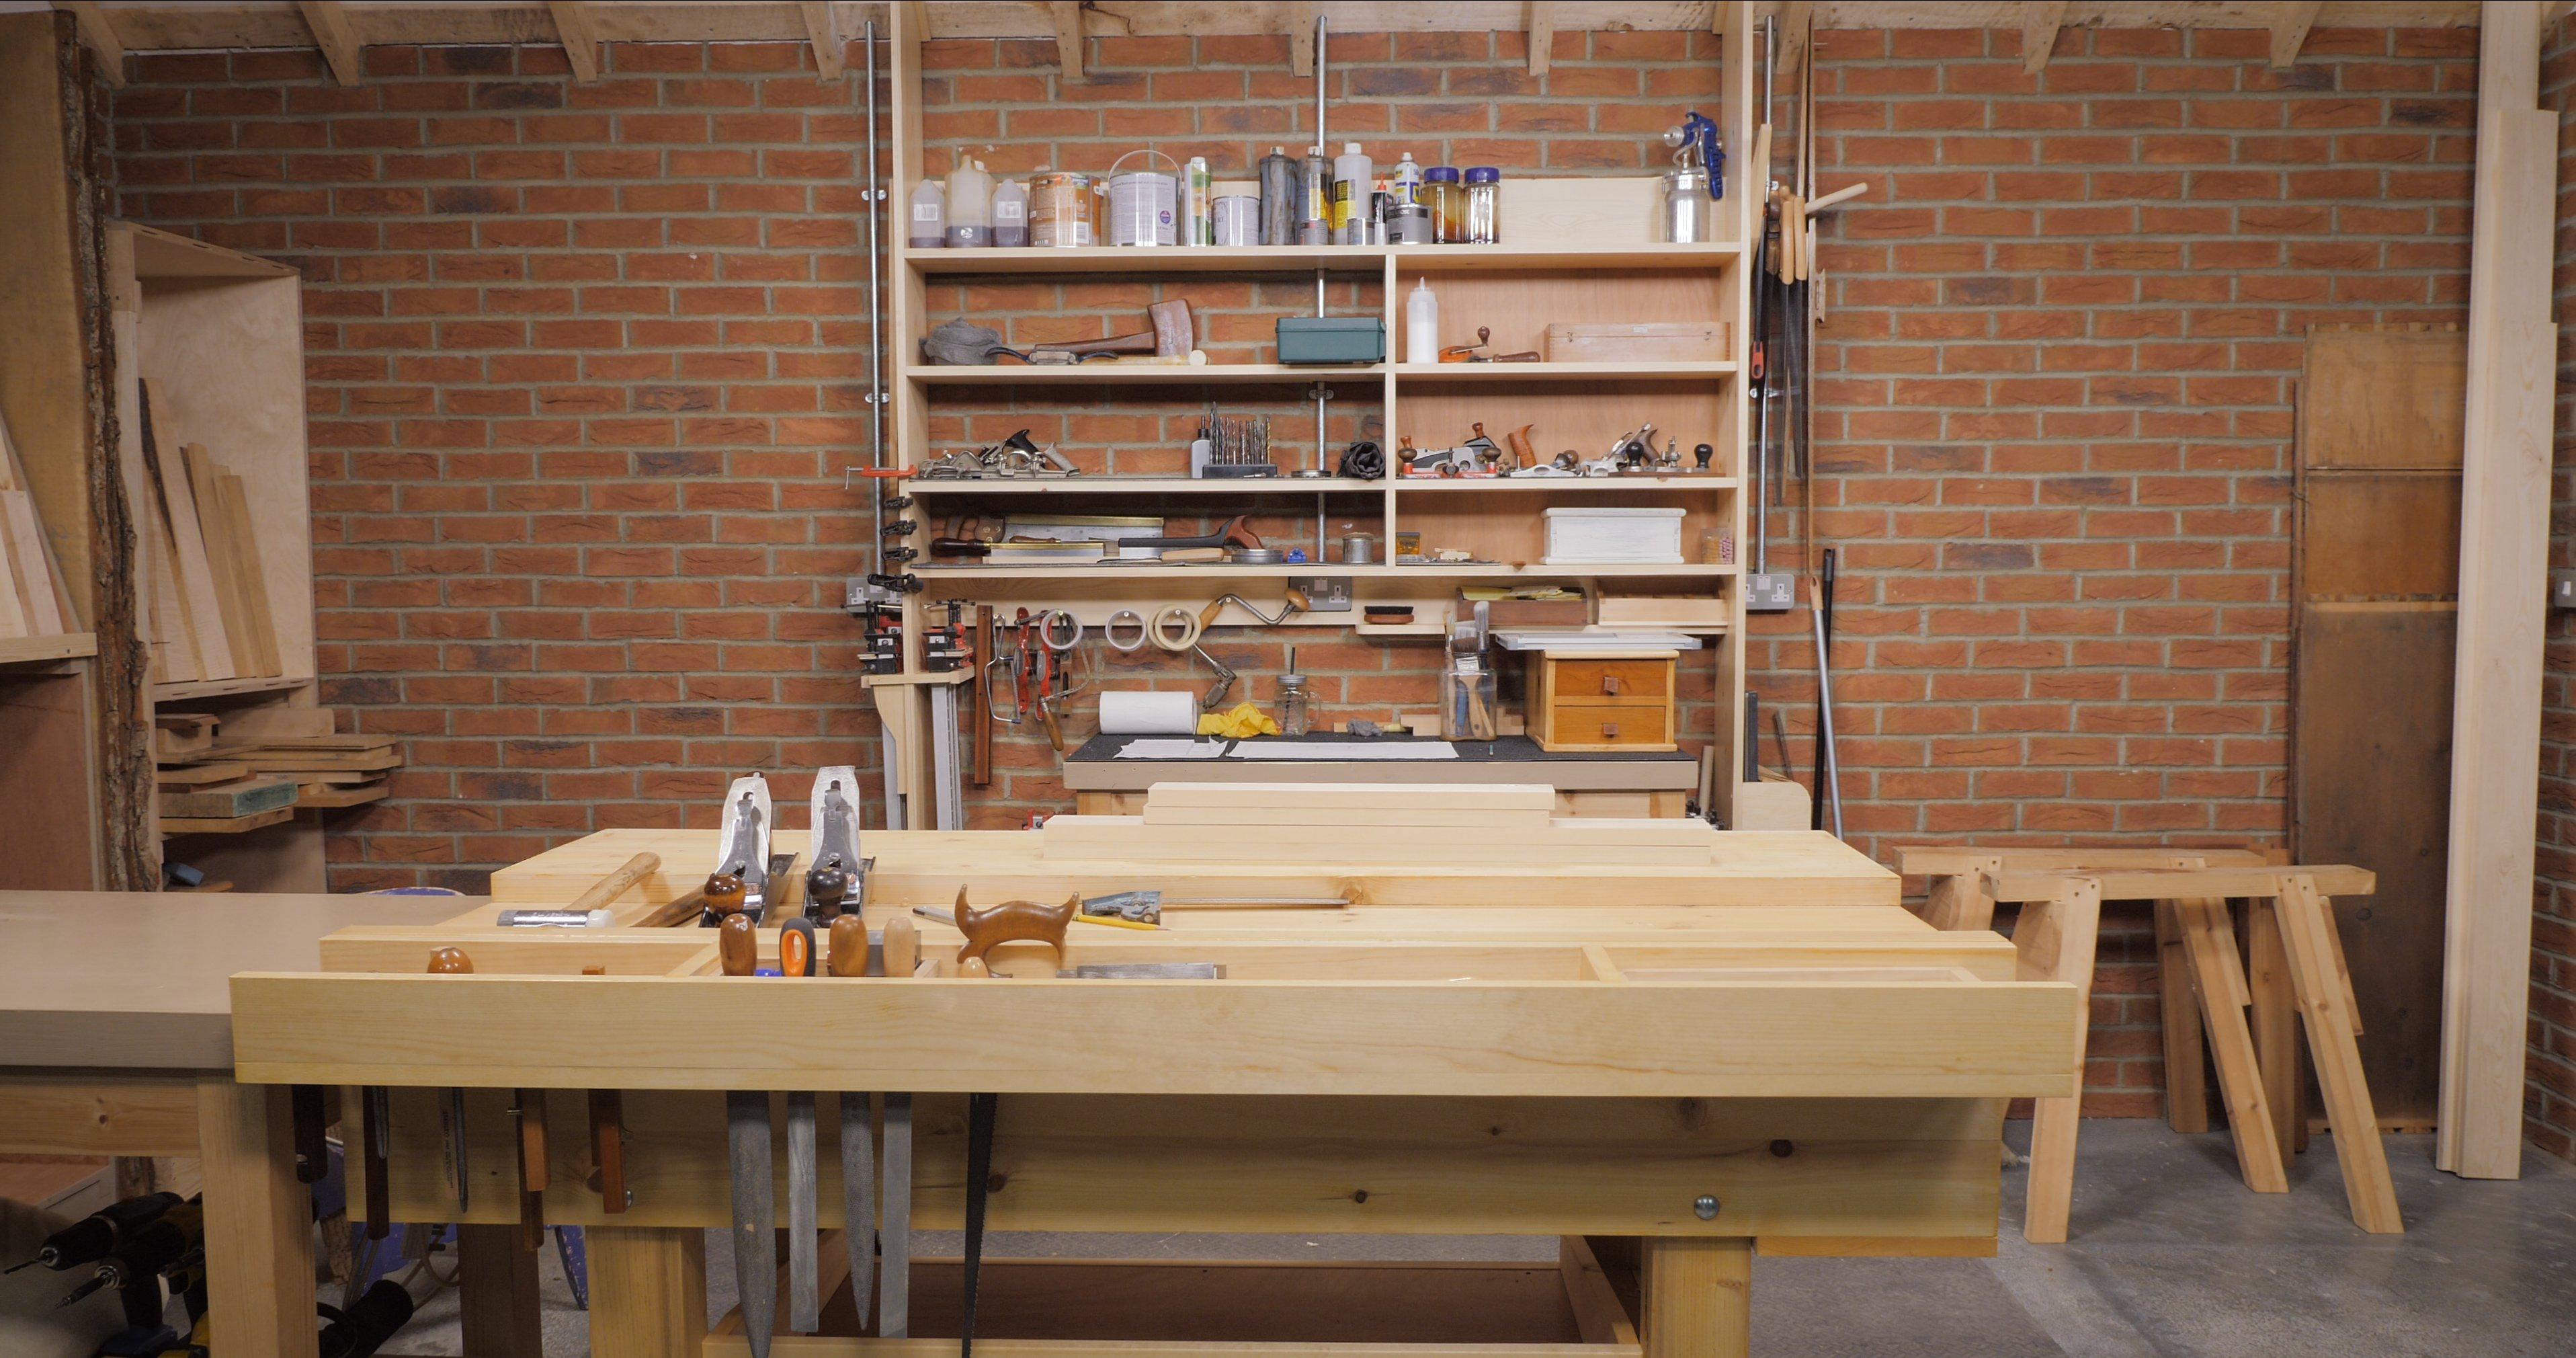 Paul's workbench